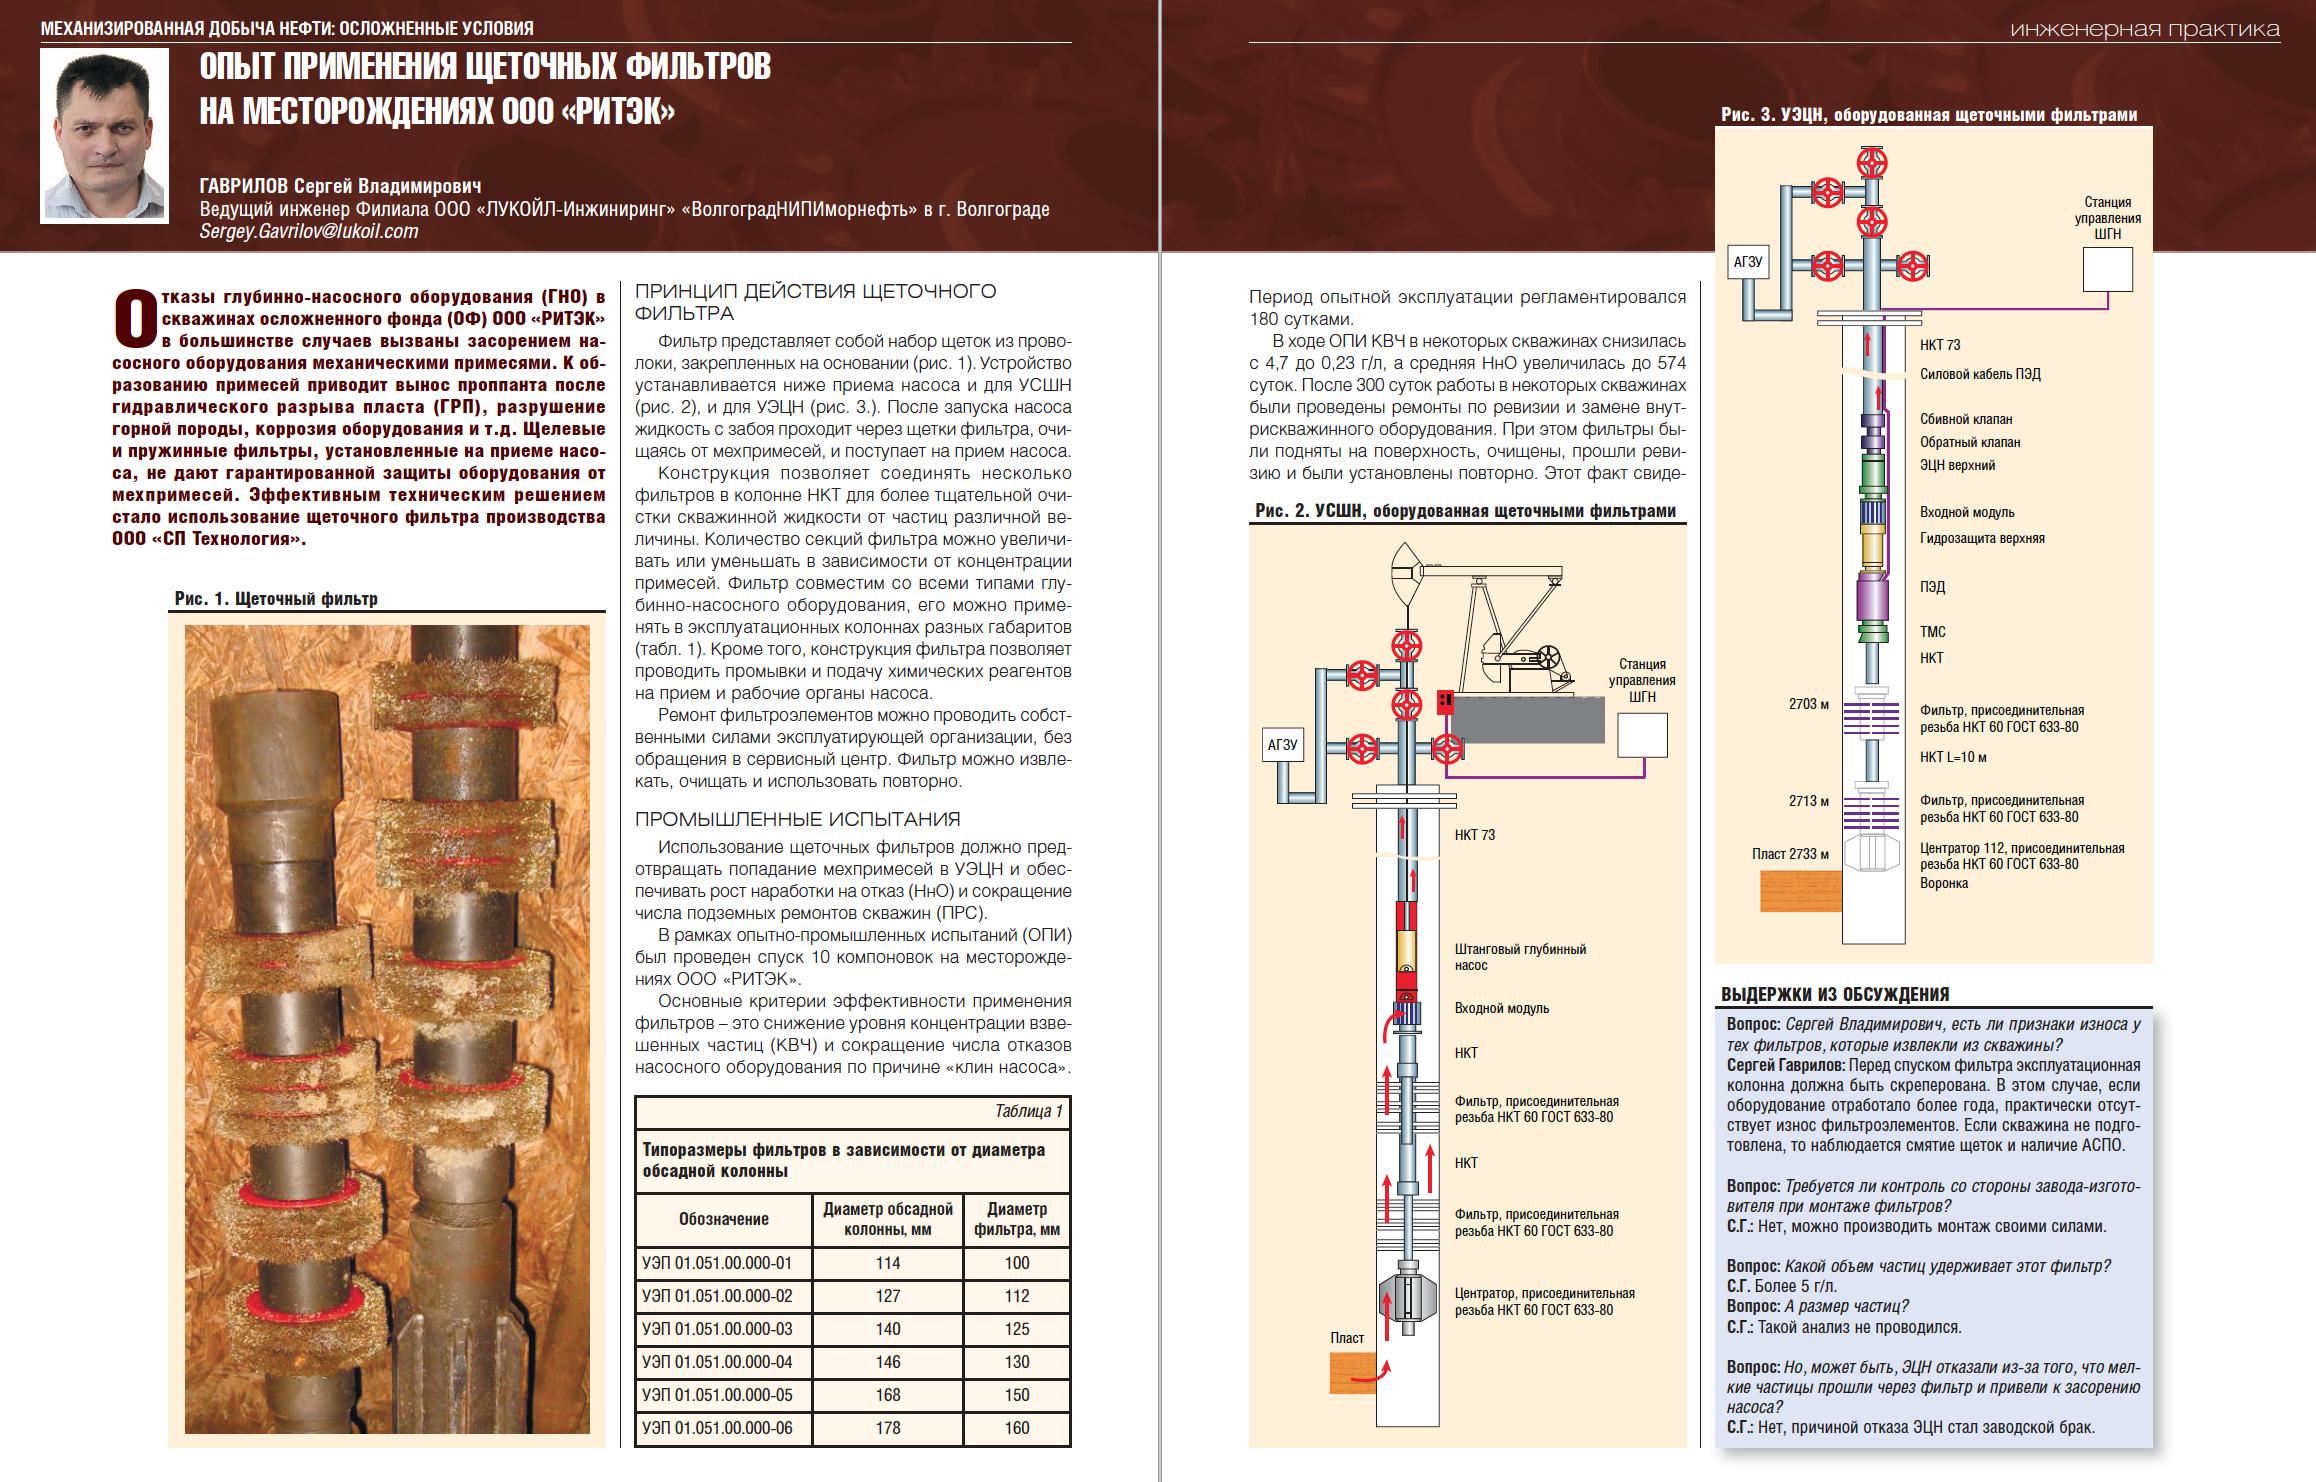 31045 Опыт применения щеточных фильтров на месторождениях ООО «РИТЭК»